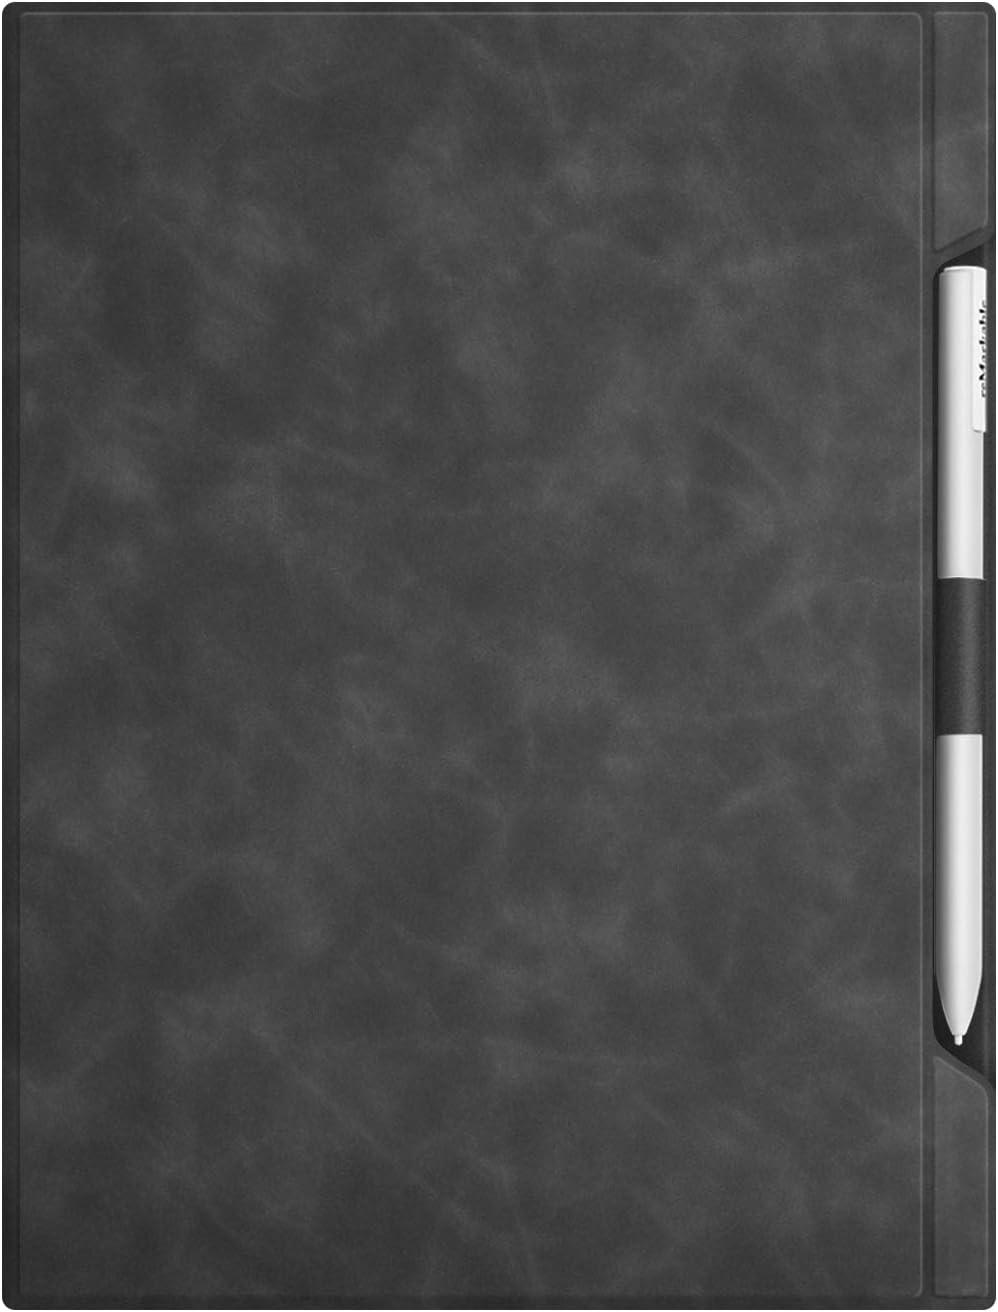 OLAIKE Piel táctil sensación de no-Folding Caja para la Tableta de Papel Remarkable 10.3